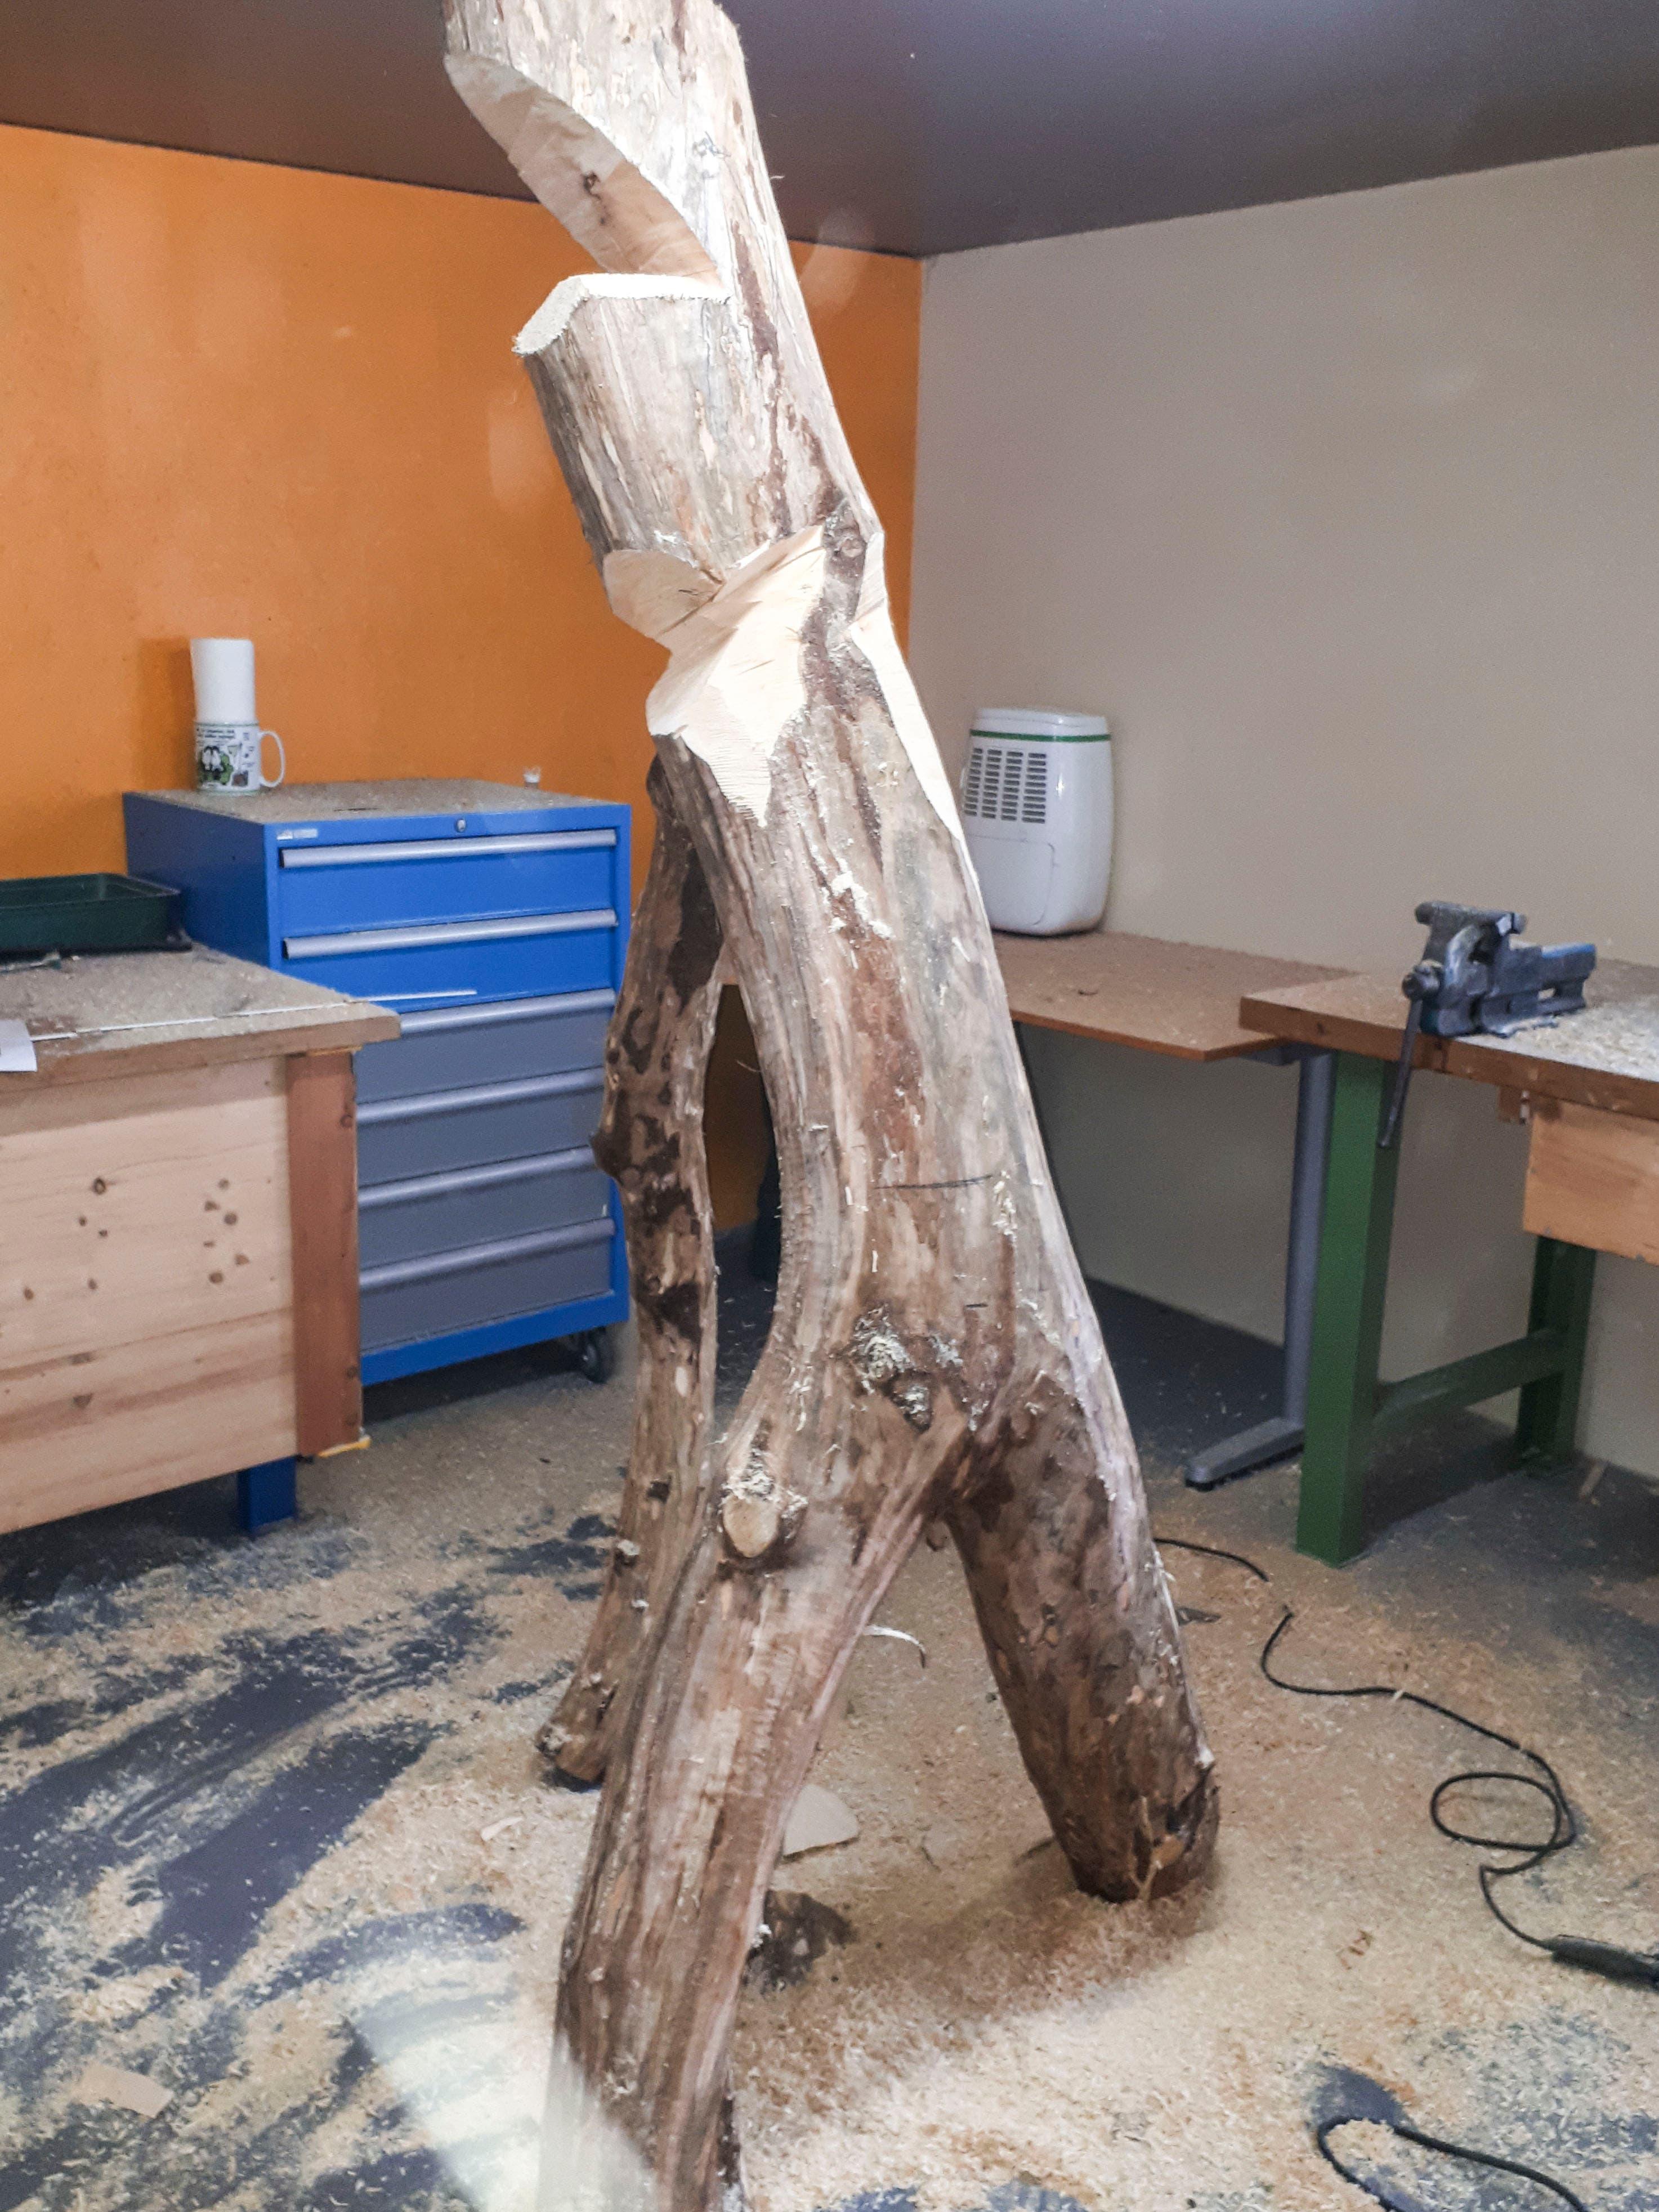 Daniel Rickenbach dokumentiert die Entstehung seiner Holzfiguren jeweils mit Fotos. (Bild: PD/Daniel Rickenbach)